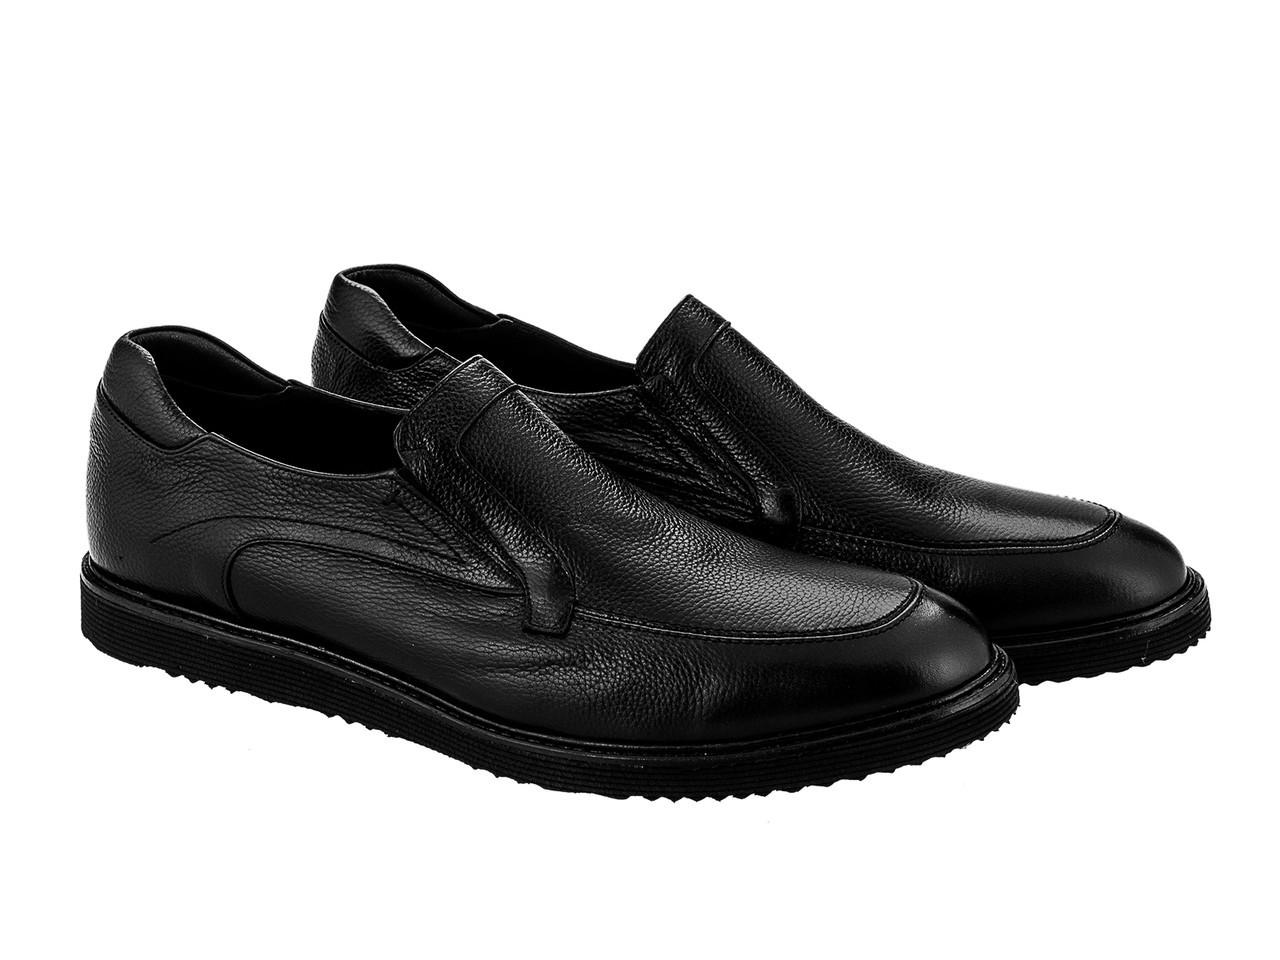 Туфли Etor 13273-100 46 черные